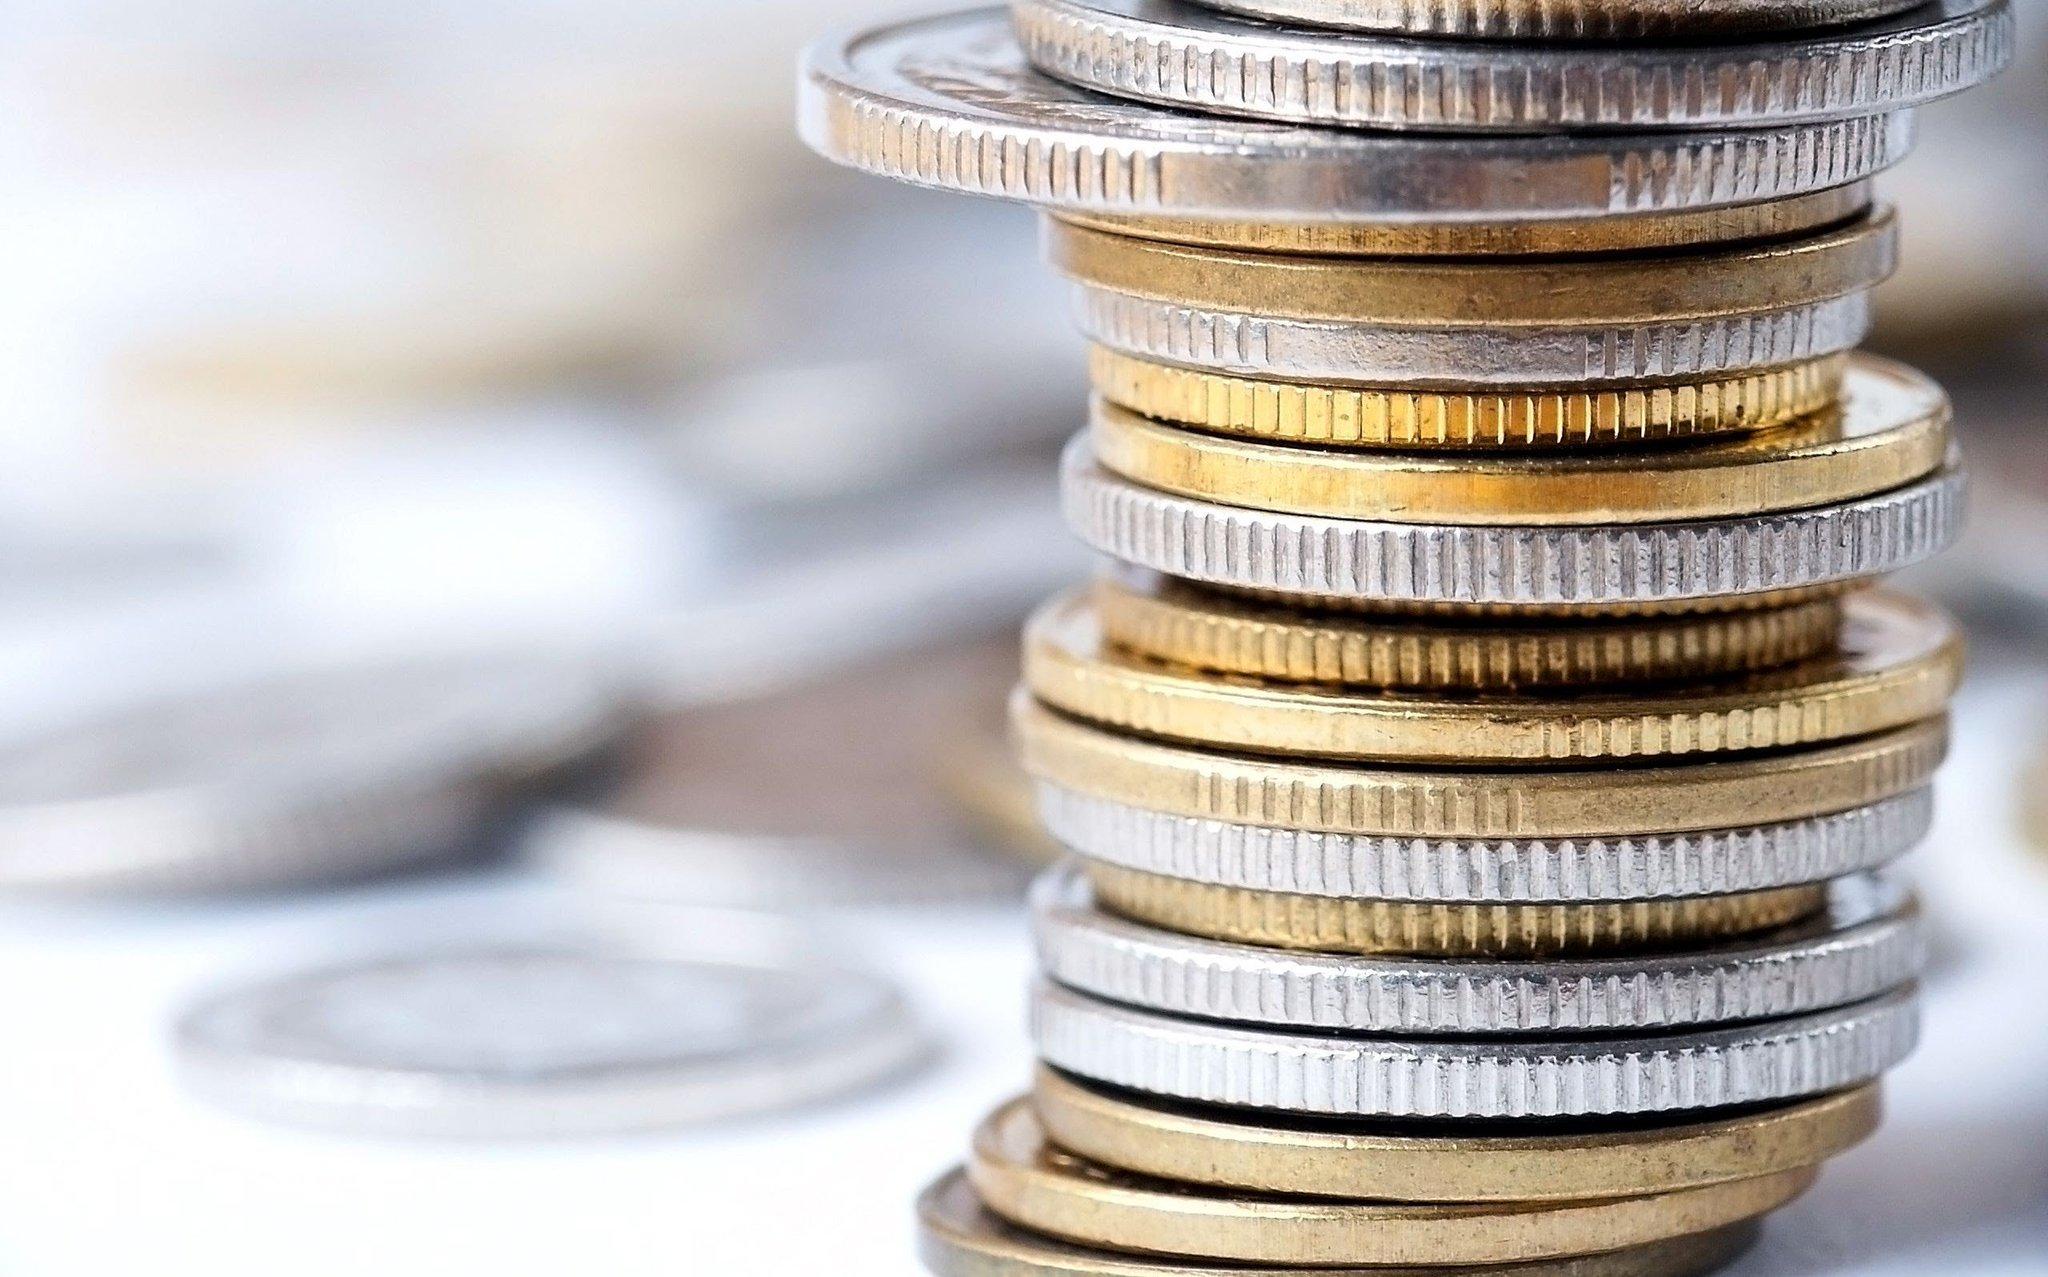 денежные картинки к презентации того также доступны